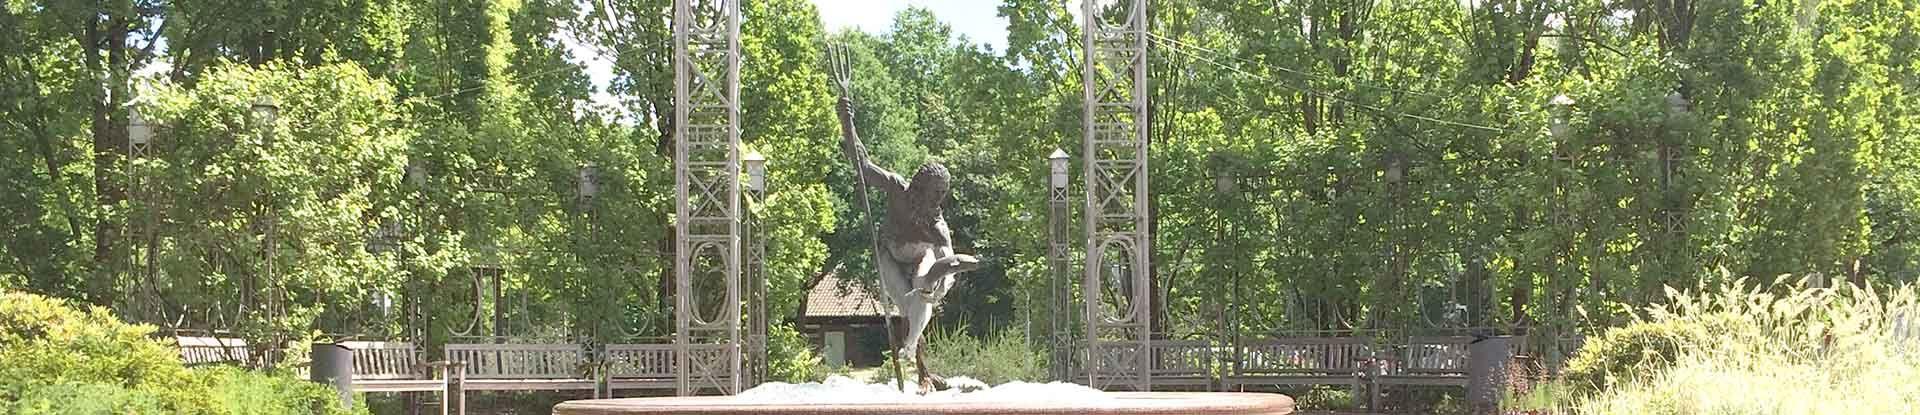 Neptunbrunnen im Kurpark Bad Bevensen